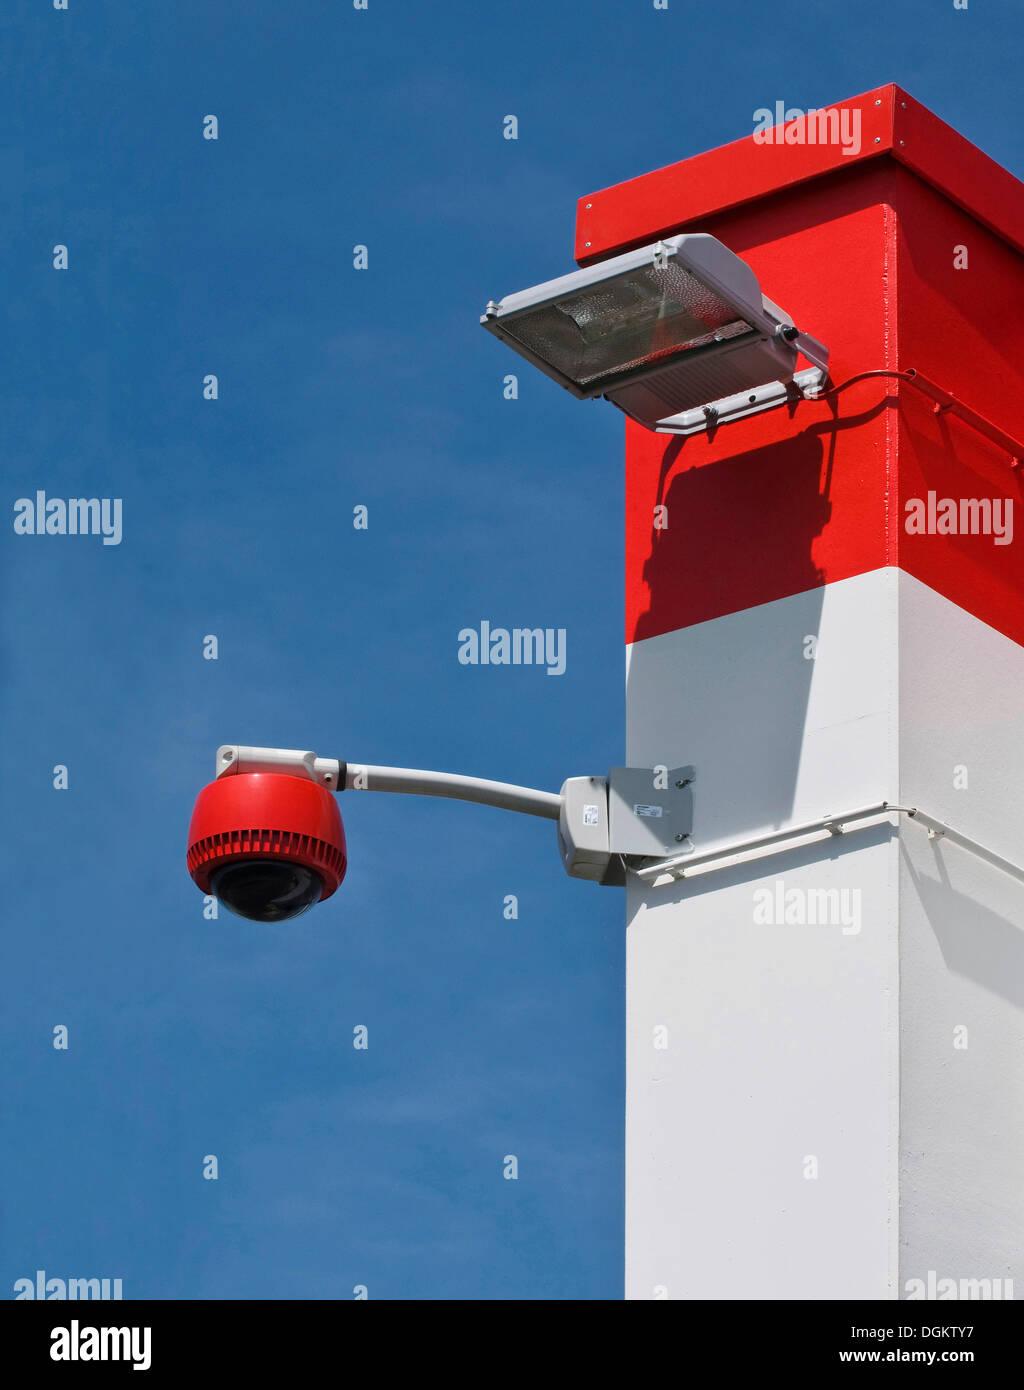 Cámara de 360 grados en el muro contra el cielo azul, vigilancia, seguridad PublicGround Imagen De Stock